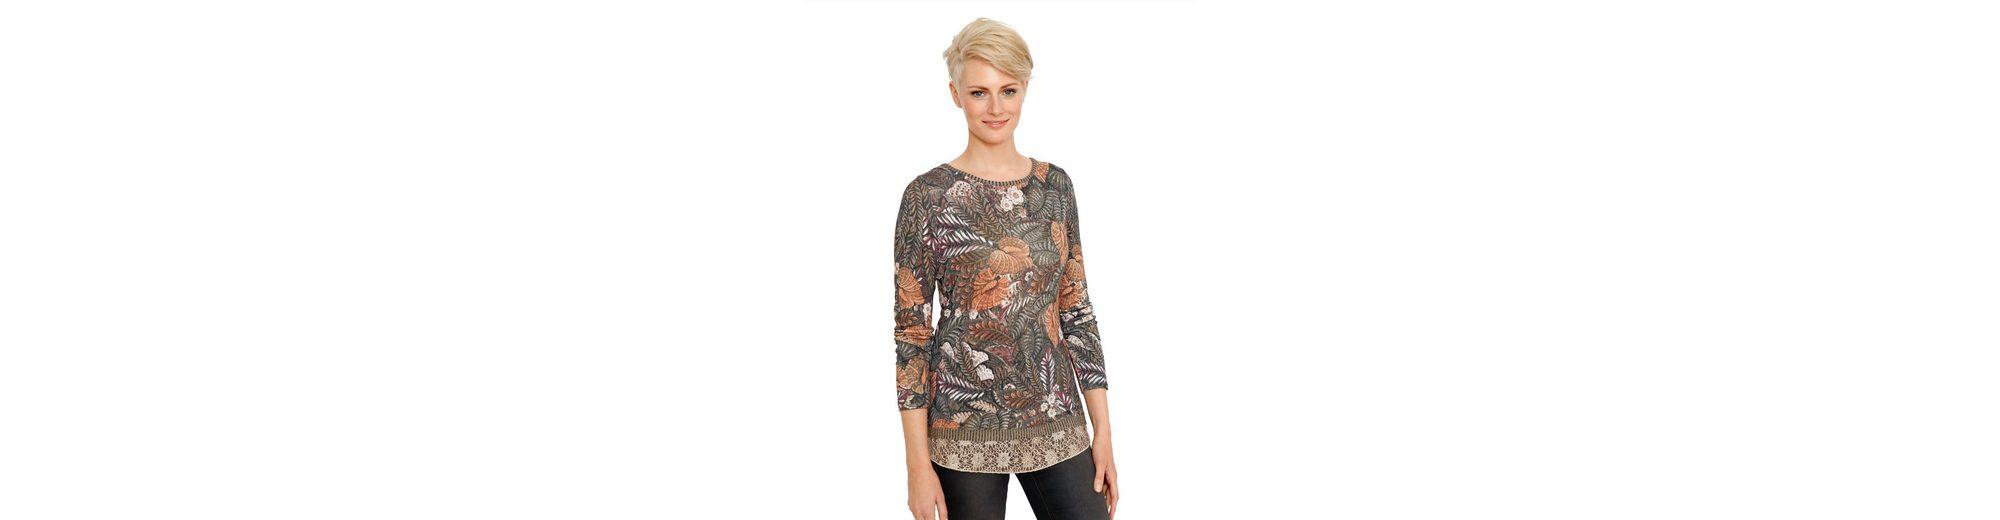 Amy Vermont Longshirt allover bedruckt Günstiges Shop-Angebot iruf2j